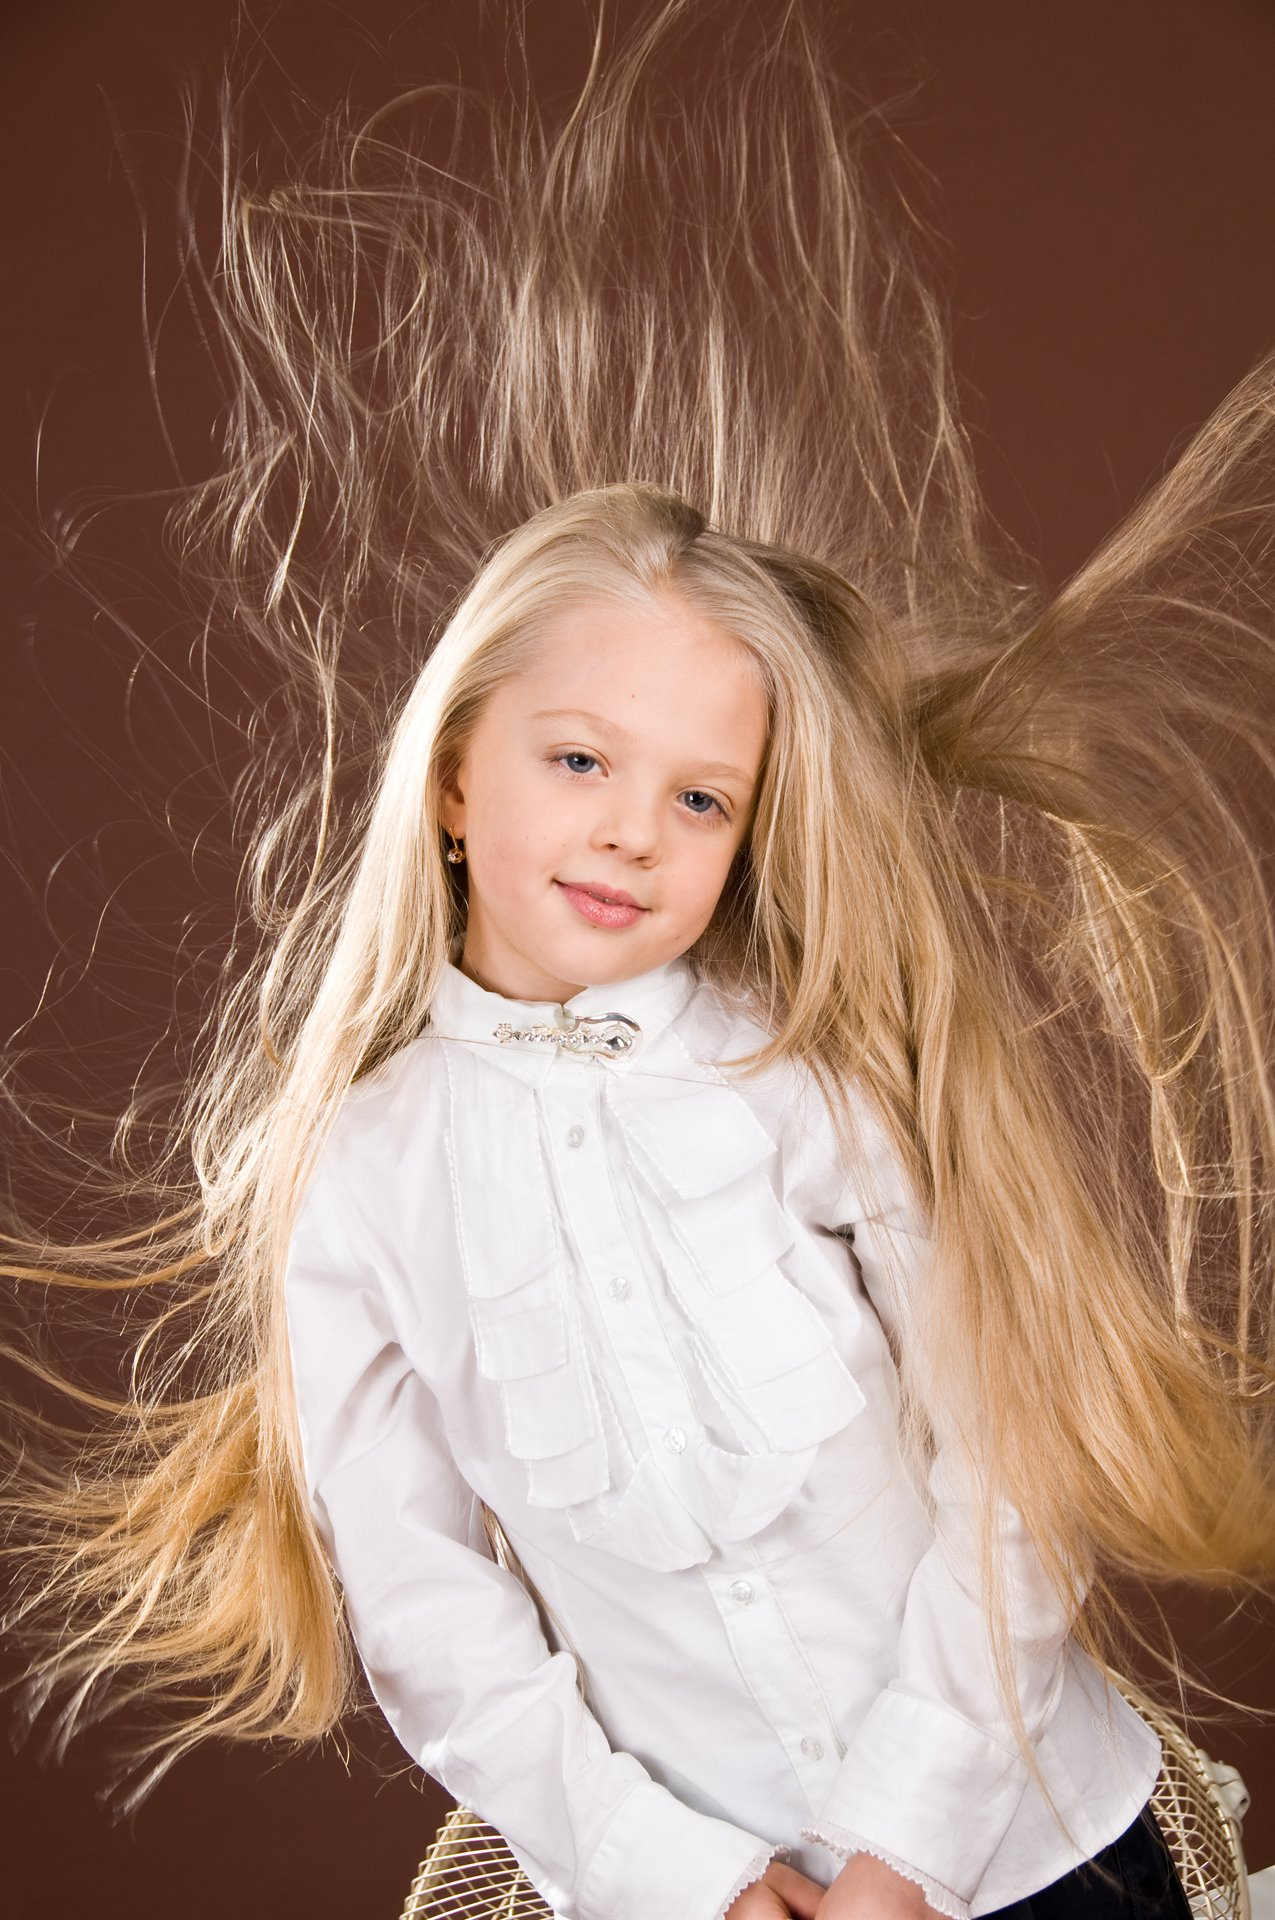 Проникновение в девочку 4 фотография